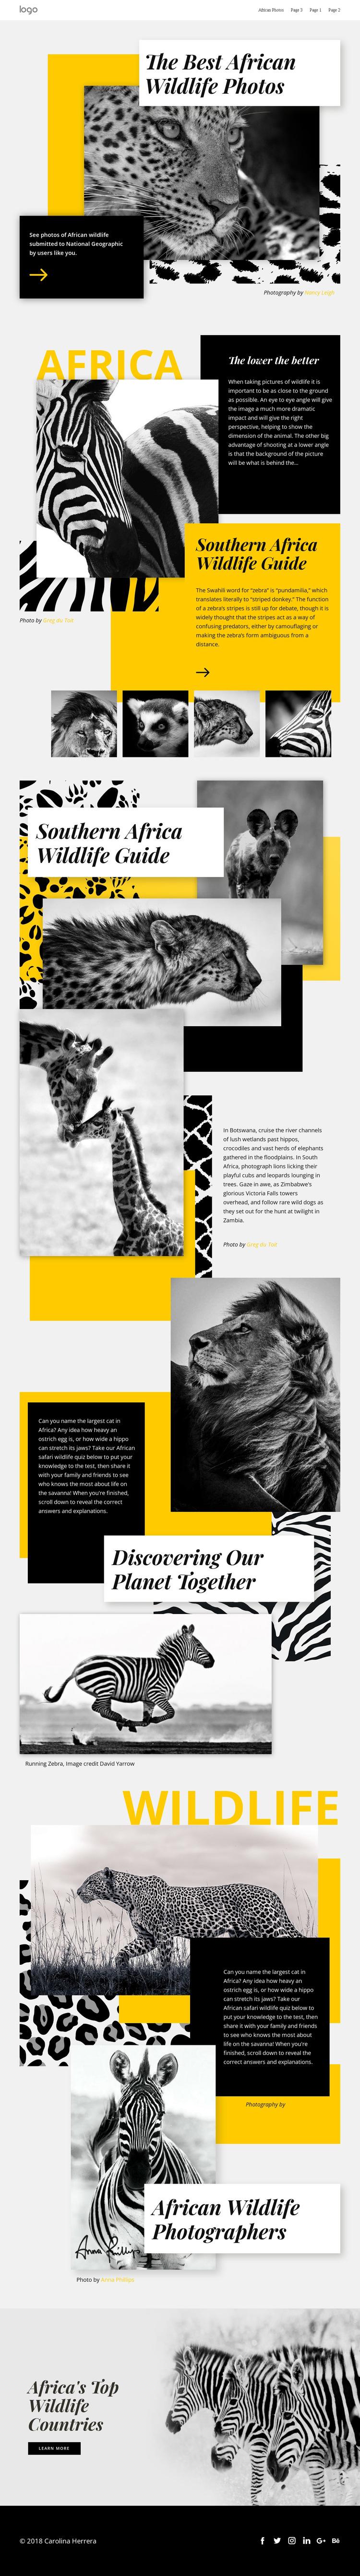 Best African Photos HTML5 Template